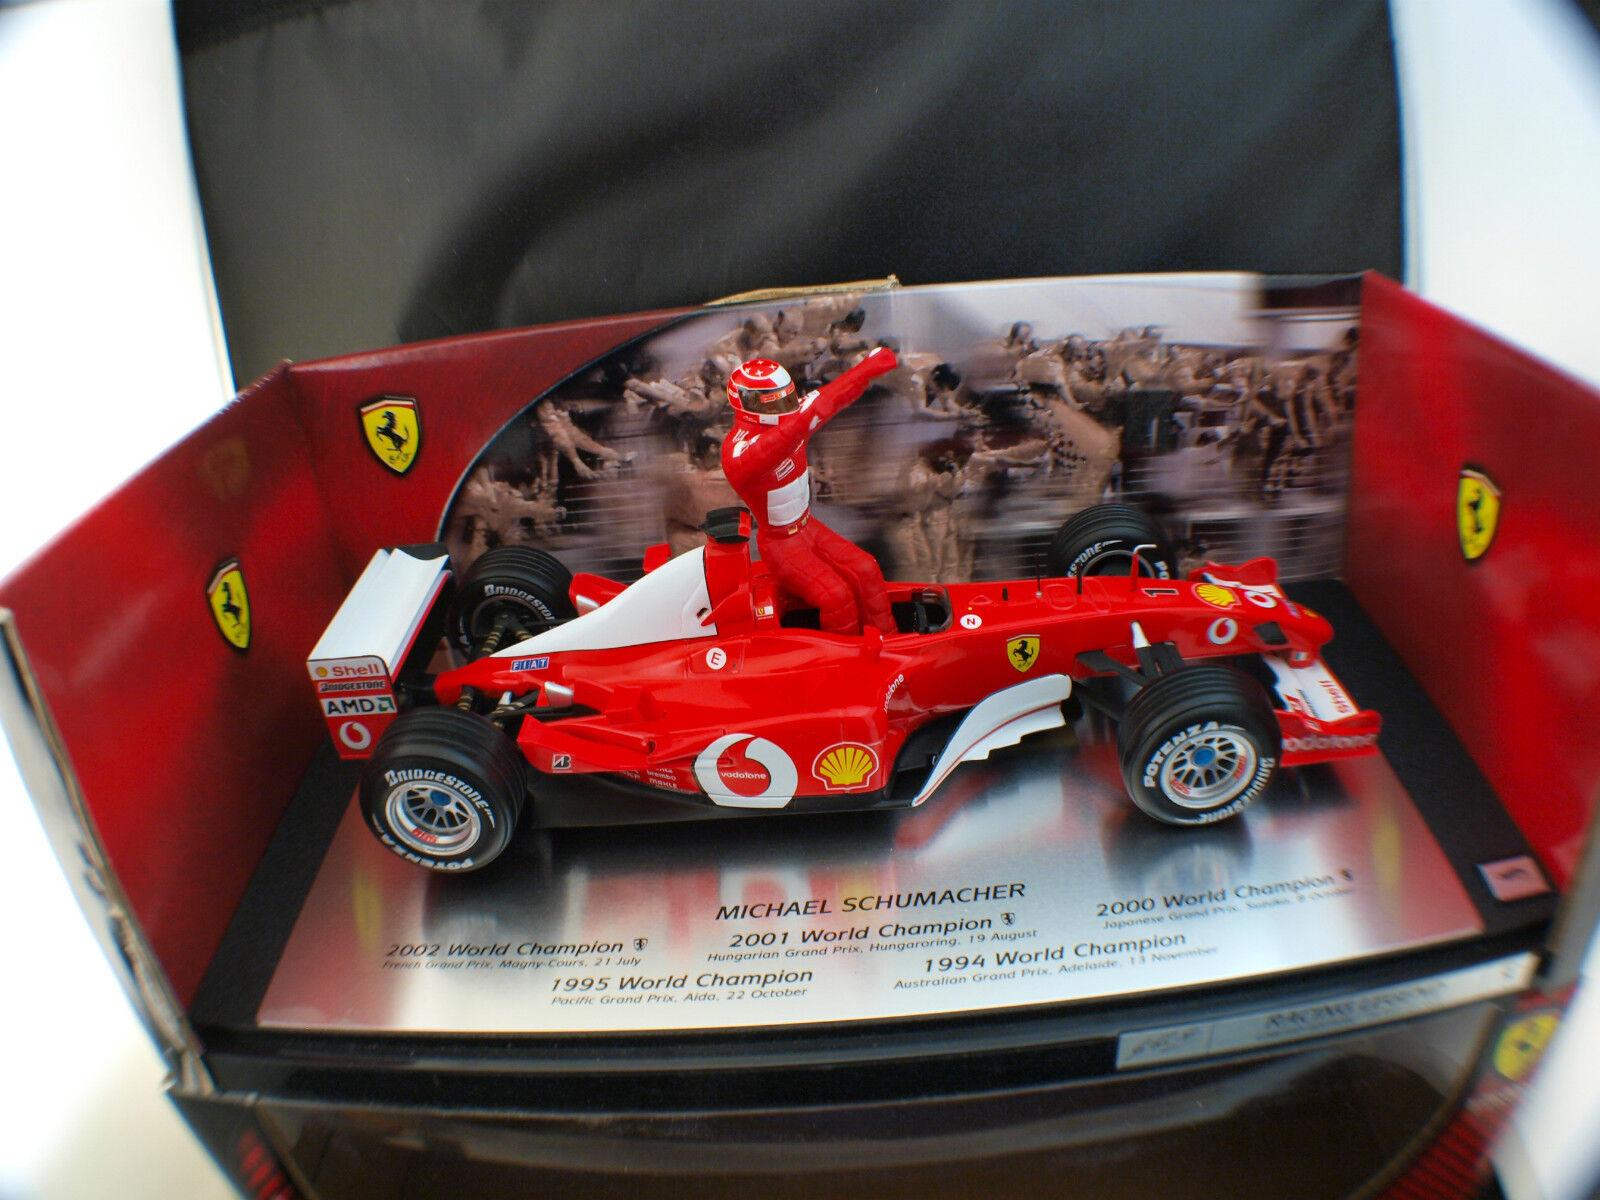 Mattel Hot Wheels Schumacher 2001 Word Champion Ferrari 1 18 Caja  Caja MIB